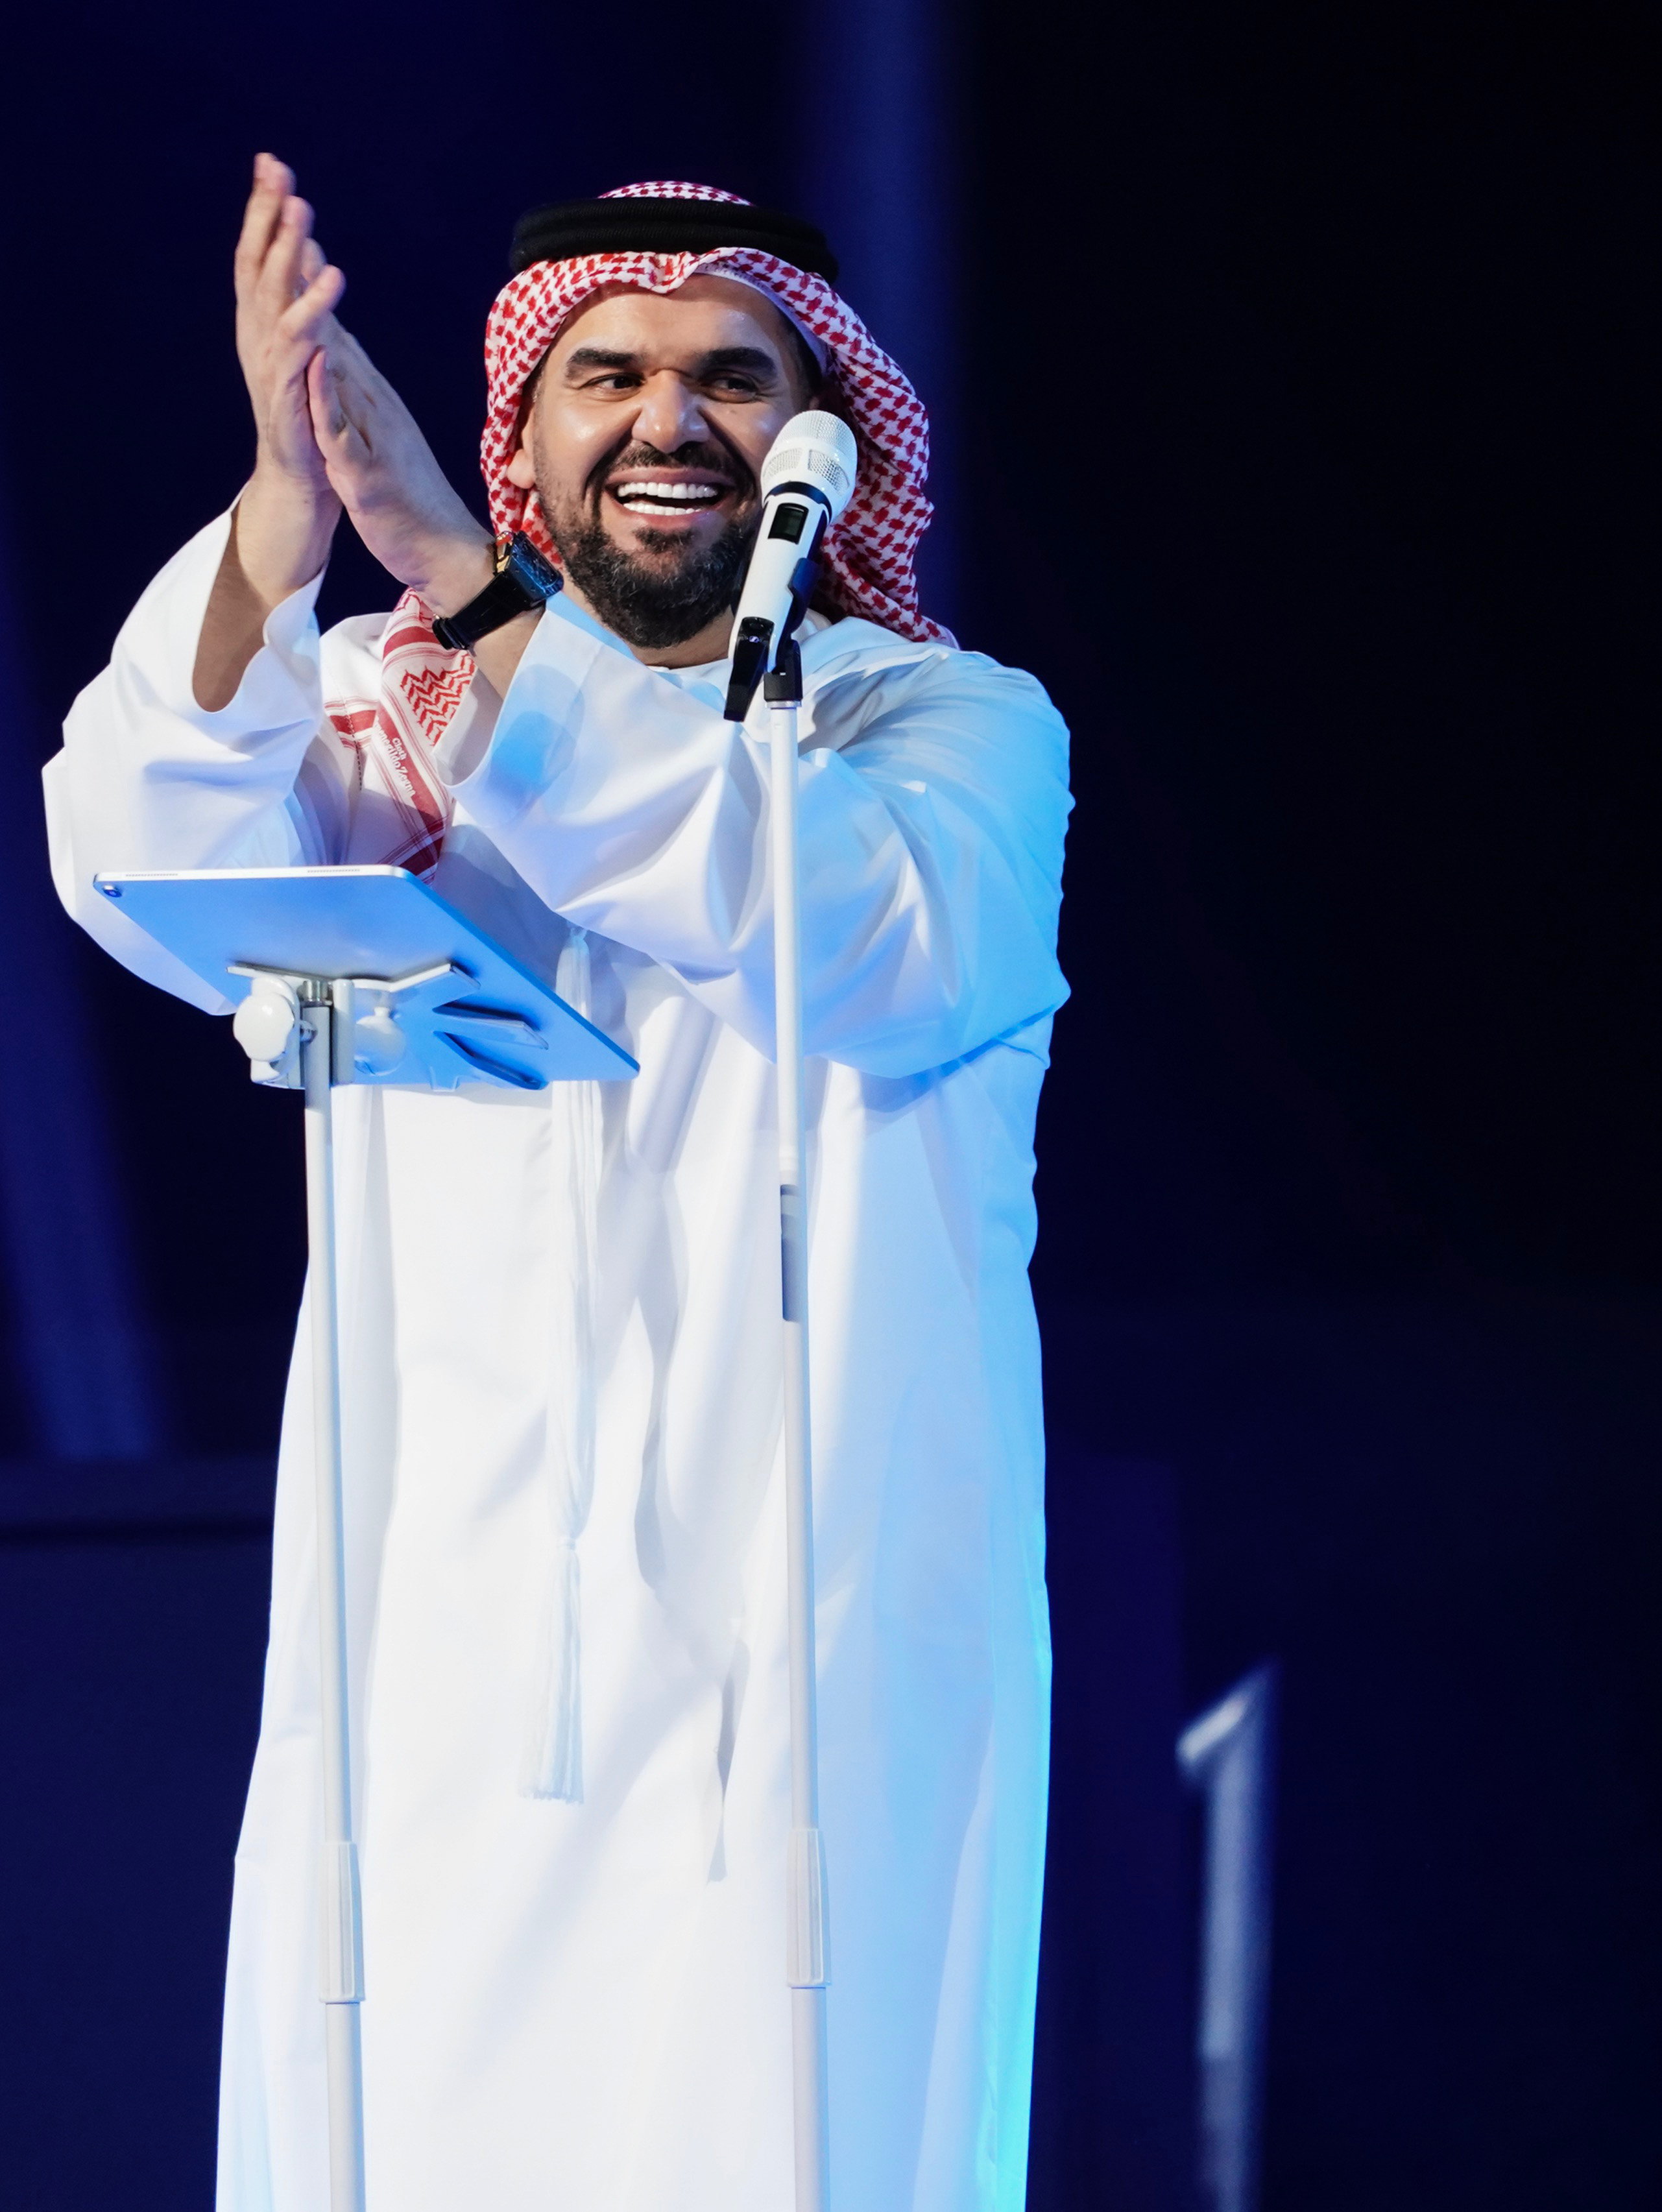 صورة حسين الجسمي ومارايا كاري وحفل عالمي في اكسبو دبي 2020 الامارات